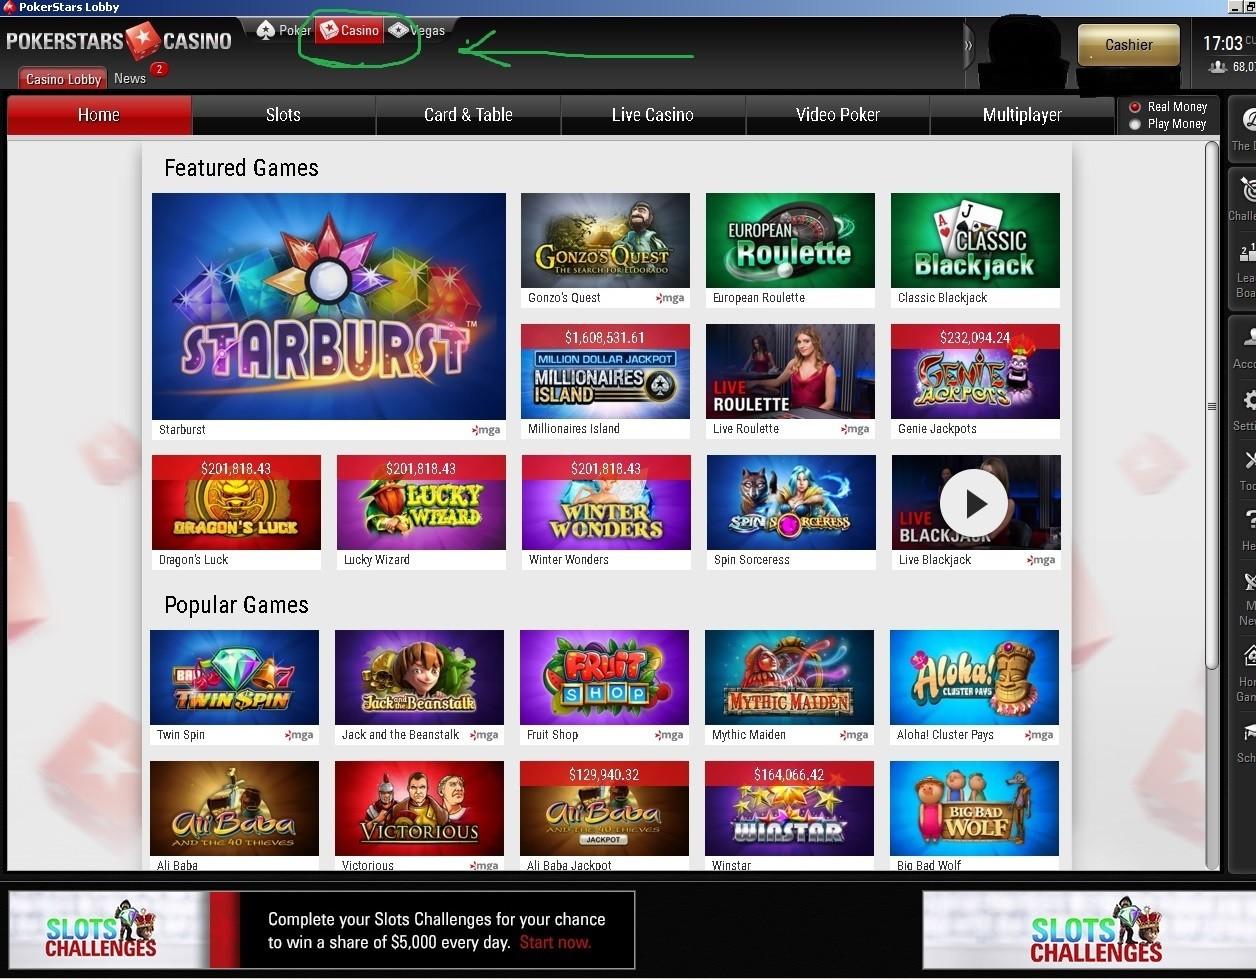 Pokerstars casino millionaires island